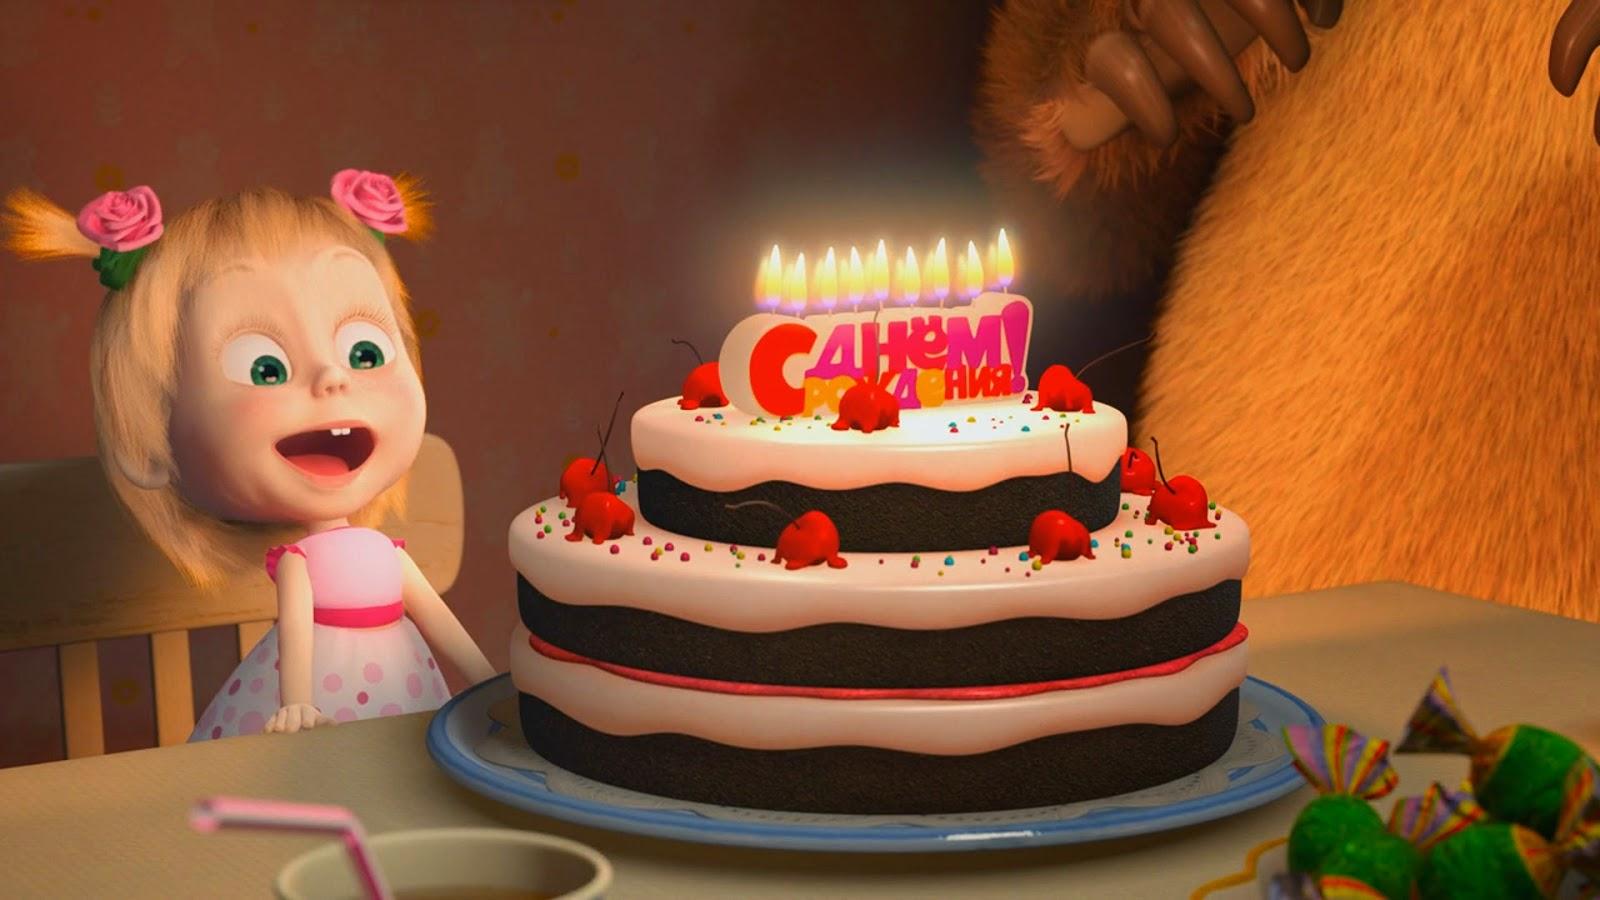 Картинки с днем рождения  pozdravokru